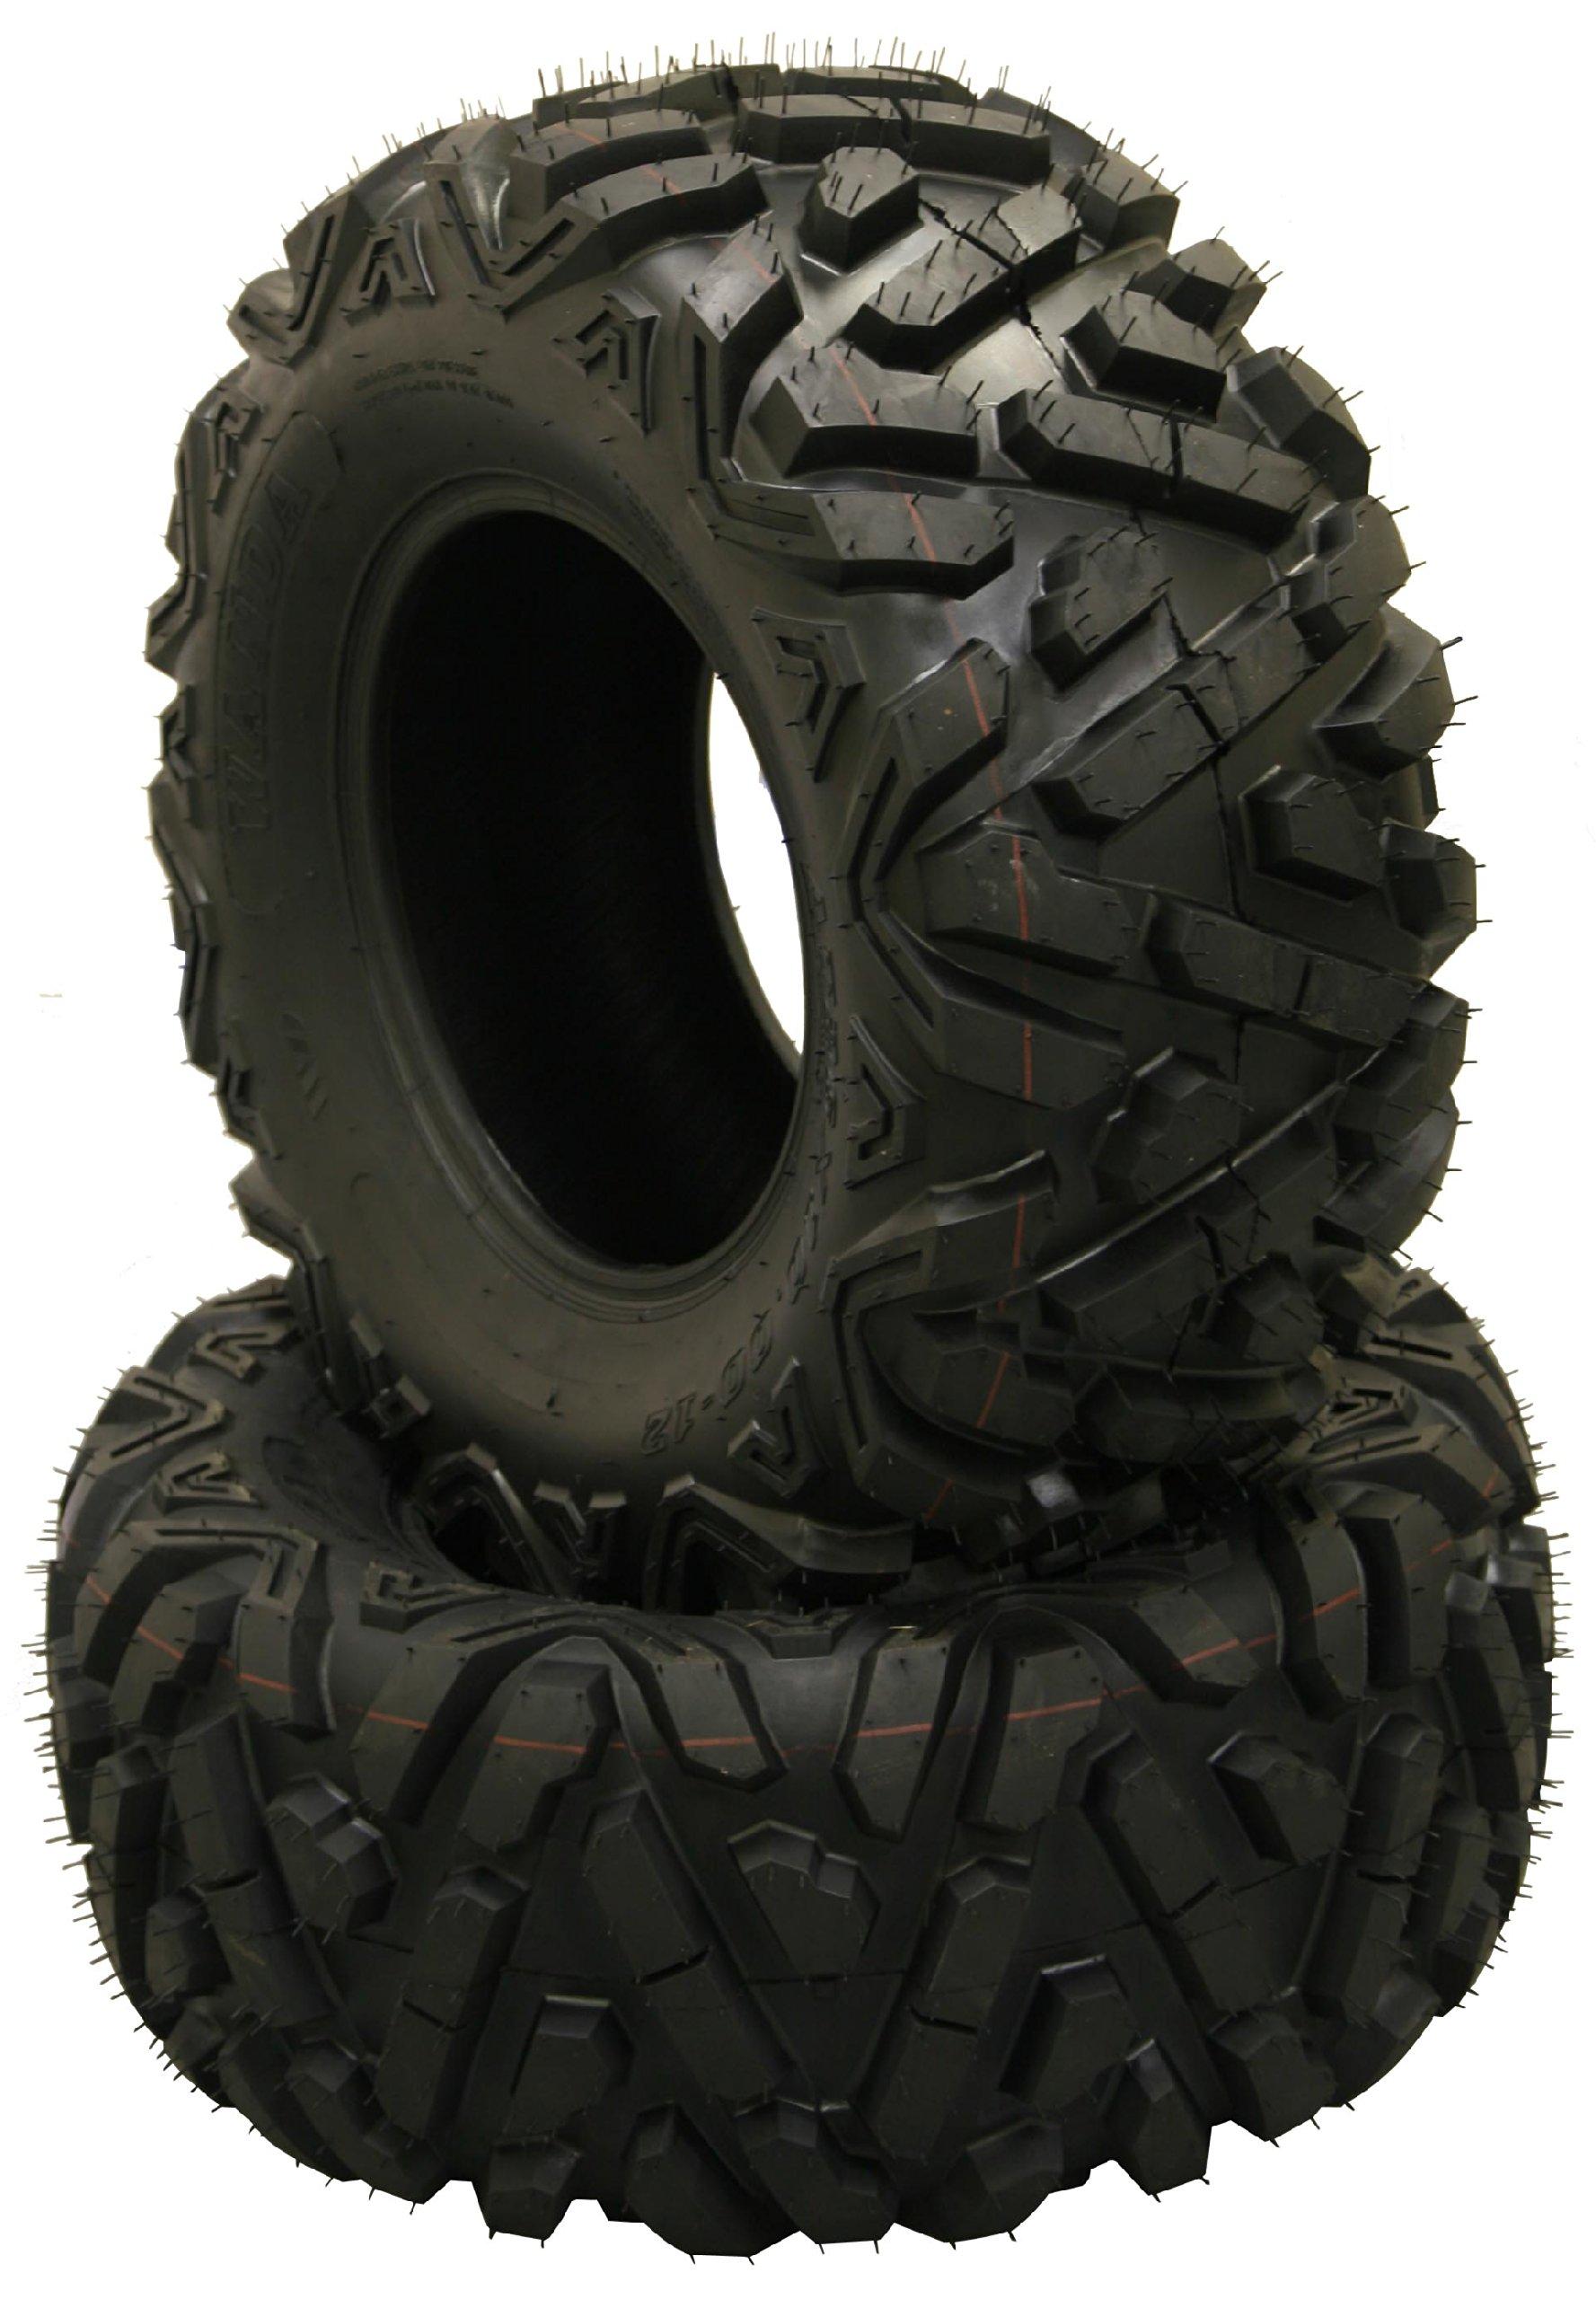 2 New Radial WANDA ATV/UTV Tires 25x8R12 6PR P350 - 10177